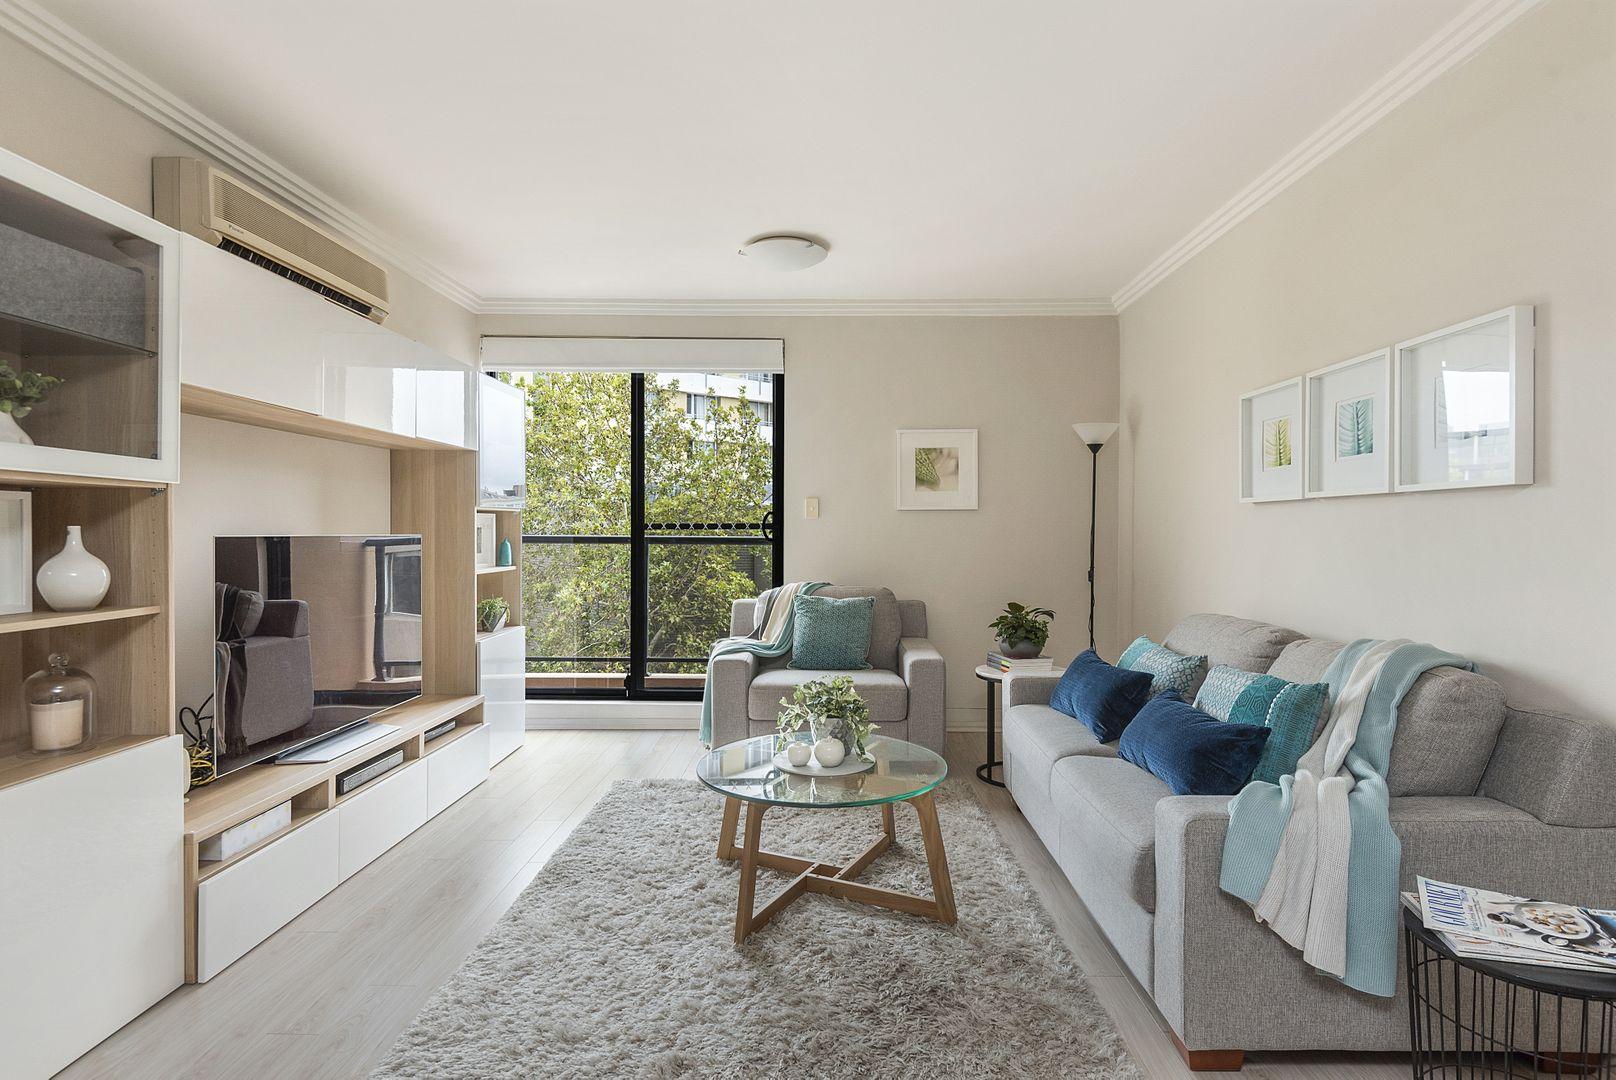 18/114-116 Cabramatta Road, Cremorne NSW 2090, Image 0